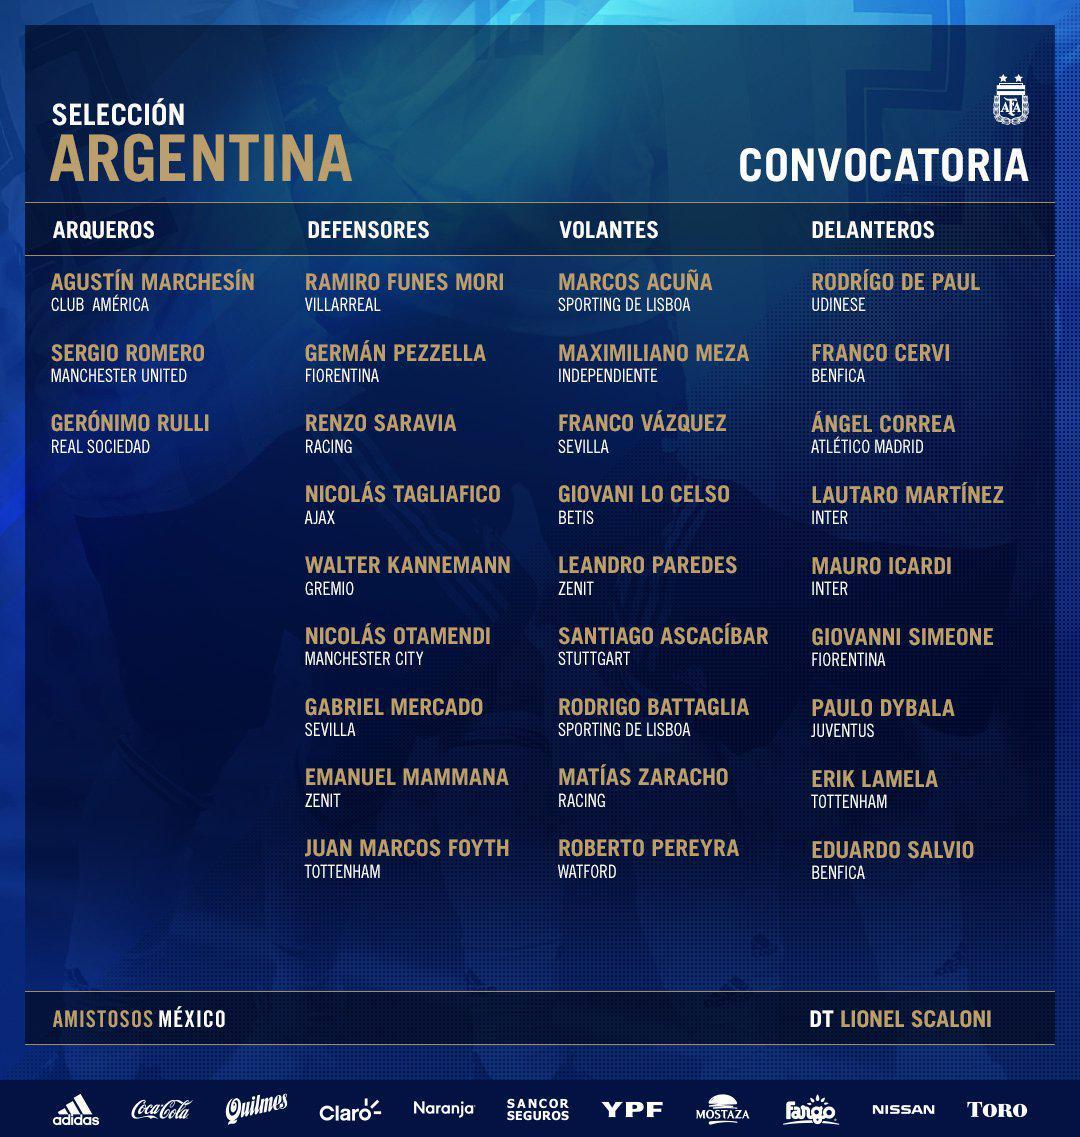 阿根廷最新名单:梅西继续缺席 热刺苦难天才回归